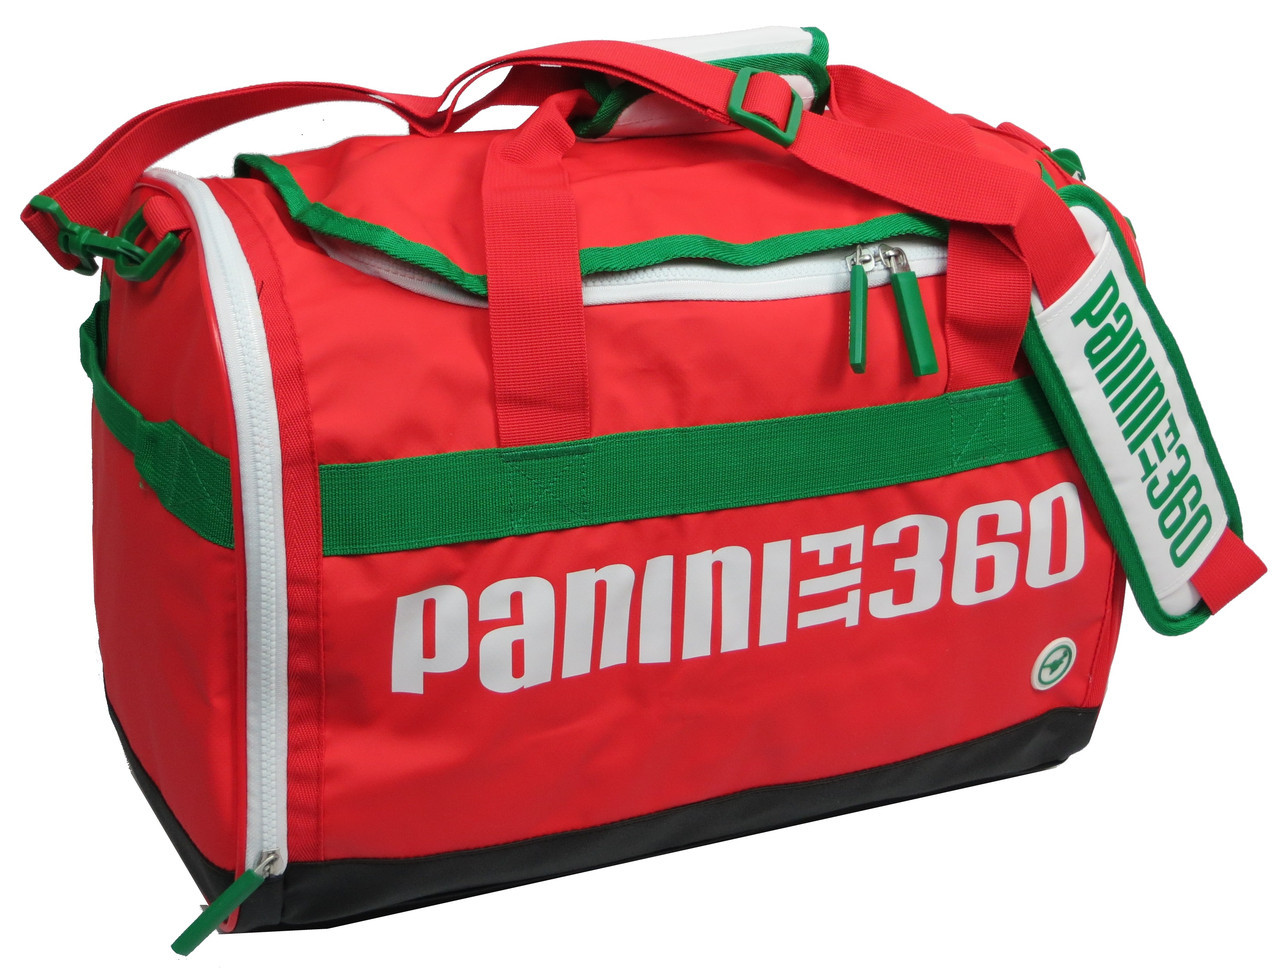 Сумка спортивная Panini Fit 360 красная 30 л 528-15, фото 1